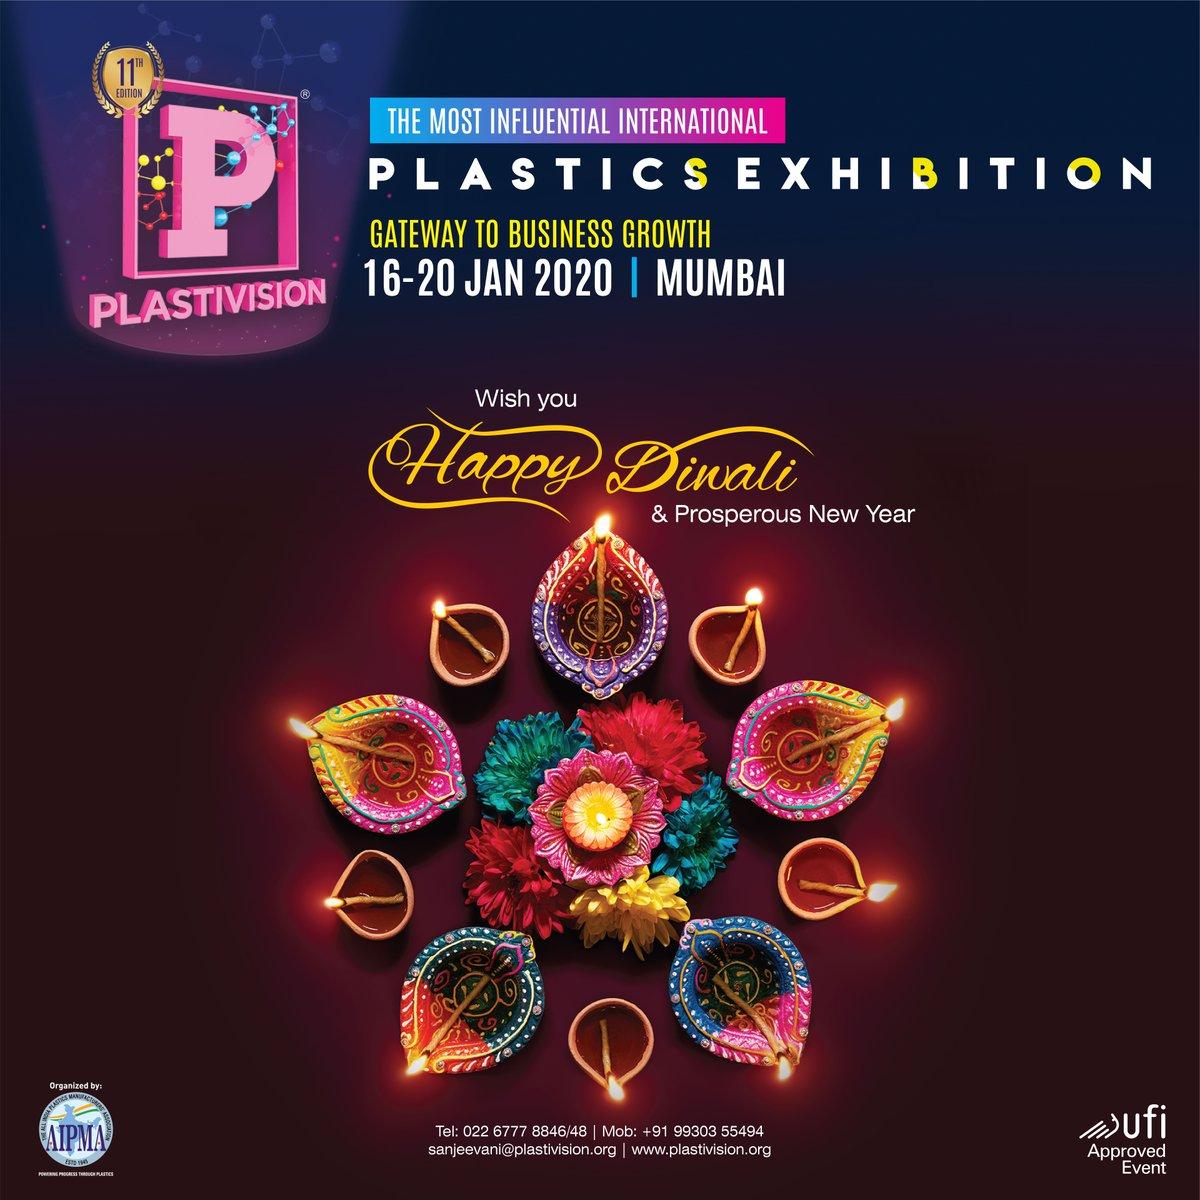 plastivisionindia hashtag on Twitter